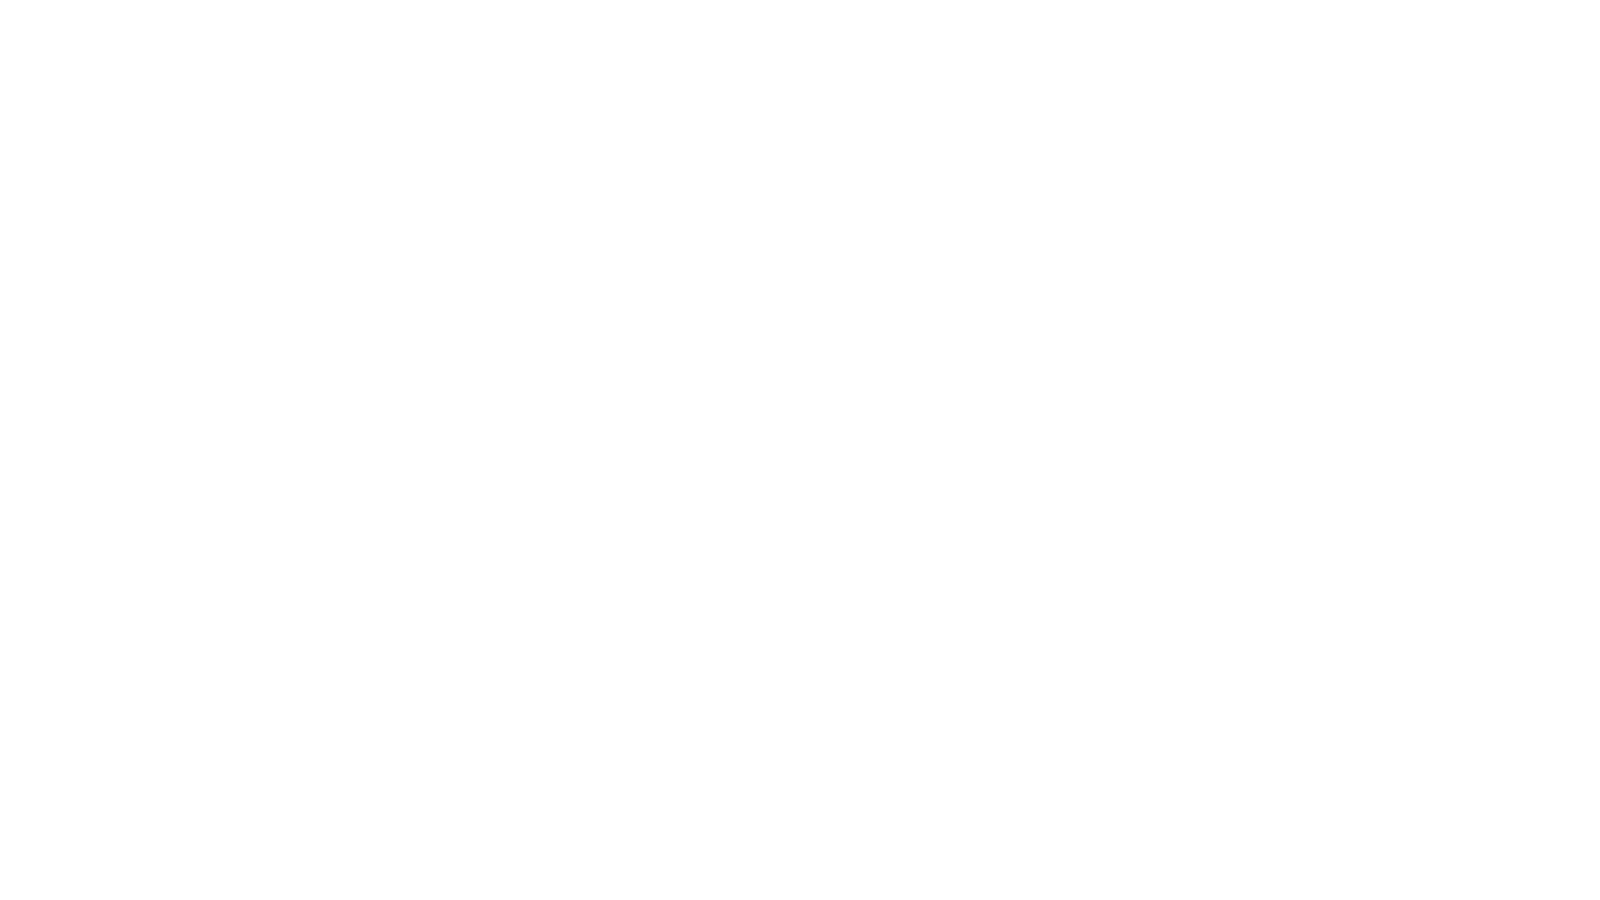 Inteligentna rękawica zintegrowana ze skanerem kodów kreskowych ProGlove, znacząco poprawia wydajność, niezawodność i ergonomię procesu skanowania. Zobacz jak ProGlove radzi sobie w Volkswagen OTLG https://www.youtube.com/watch?v=-tAFS2NeGqk i DHL https://www.youtube.com/watch?v=D37ONjscg58&t=32s  Rękawica ProGlove: - umożliwia bezdotykowe skanowanie produktów, - skraca czas potrzebny na skanowanie nawet o połowę, - nie wymaga skomplikowanej integracji (Plug & Play),  - z powodzeniem zastępuje tradycyjne skanery z uchwytem pistoletowym.  Więcej na: https://www.ibcs.pl/ https://www.facebook.com/IBCS.Poland https://pl.linkedin.com/company/ibcs-poland